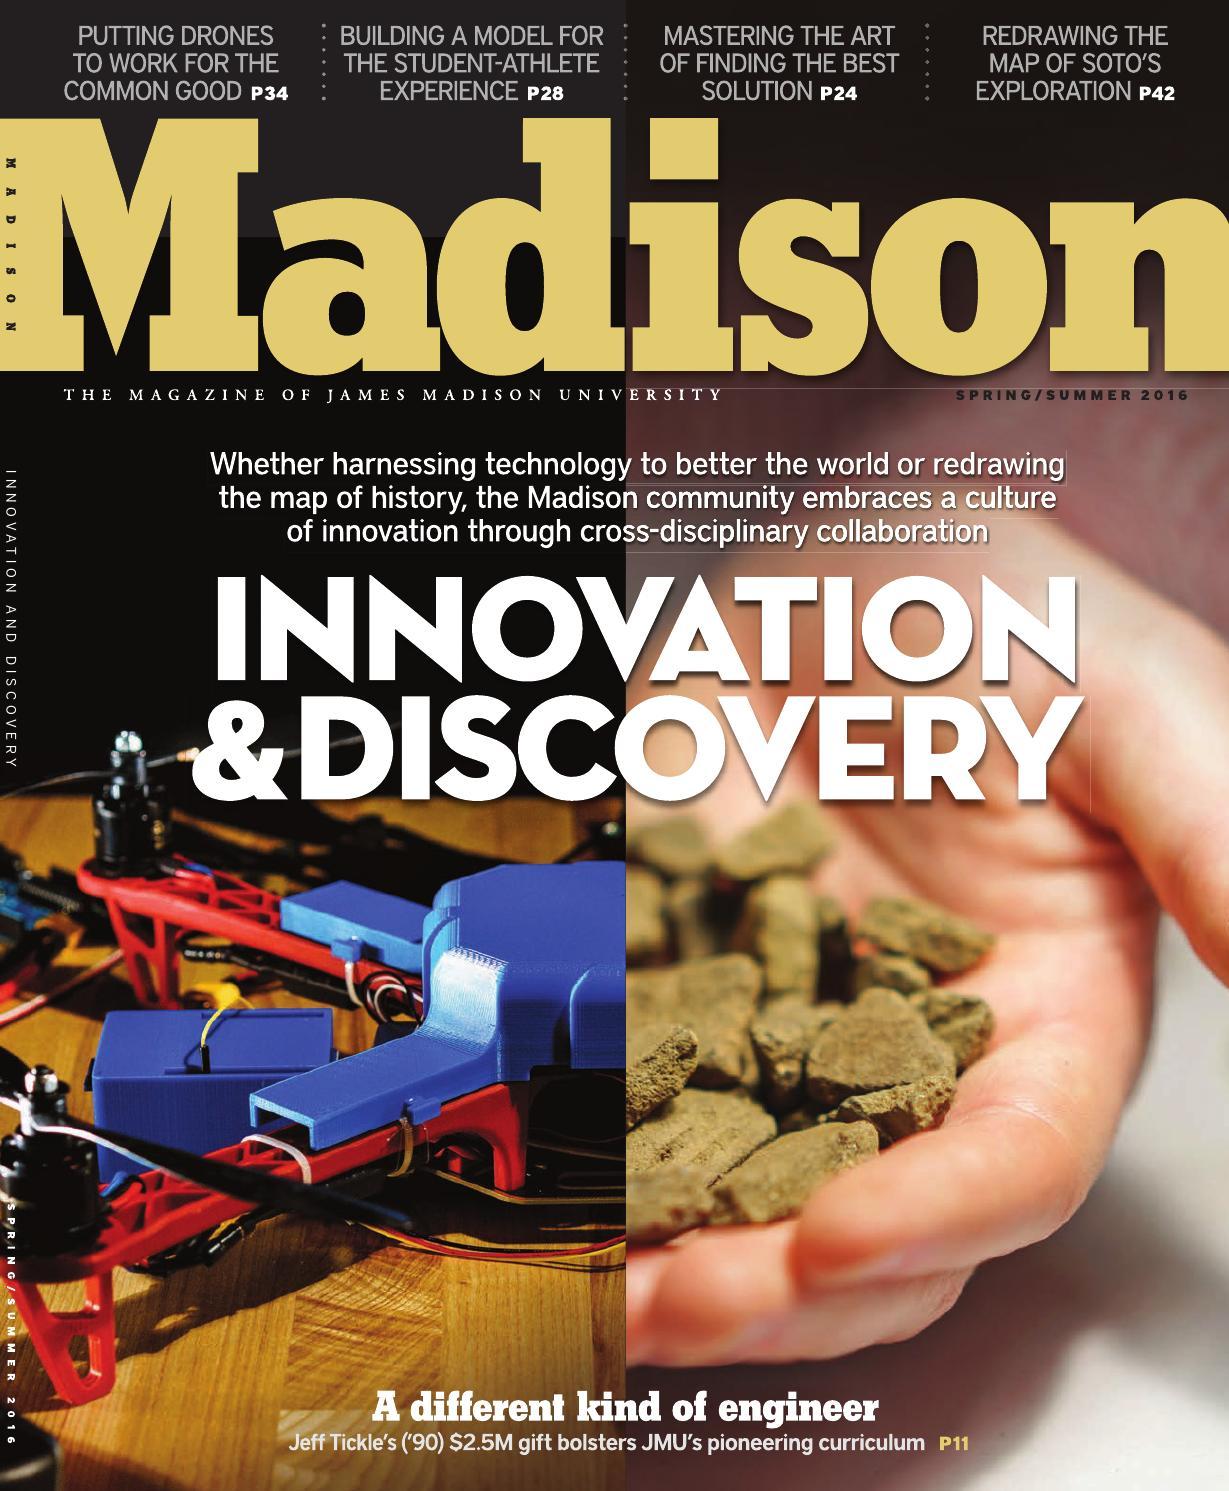 Jmu Academic Calendar 2022 2023.Madison Magazine Spring Summer 2016 By James Madison University Issuu